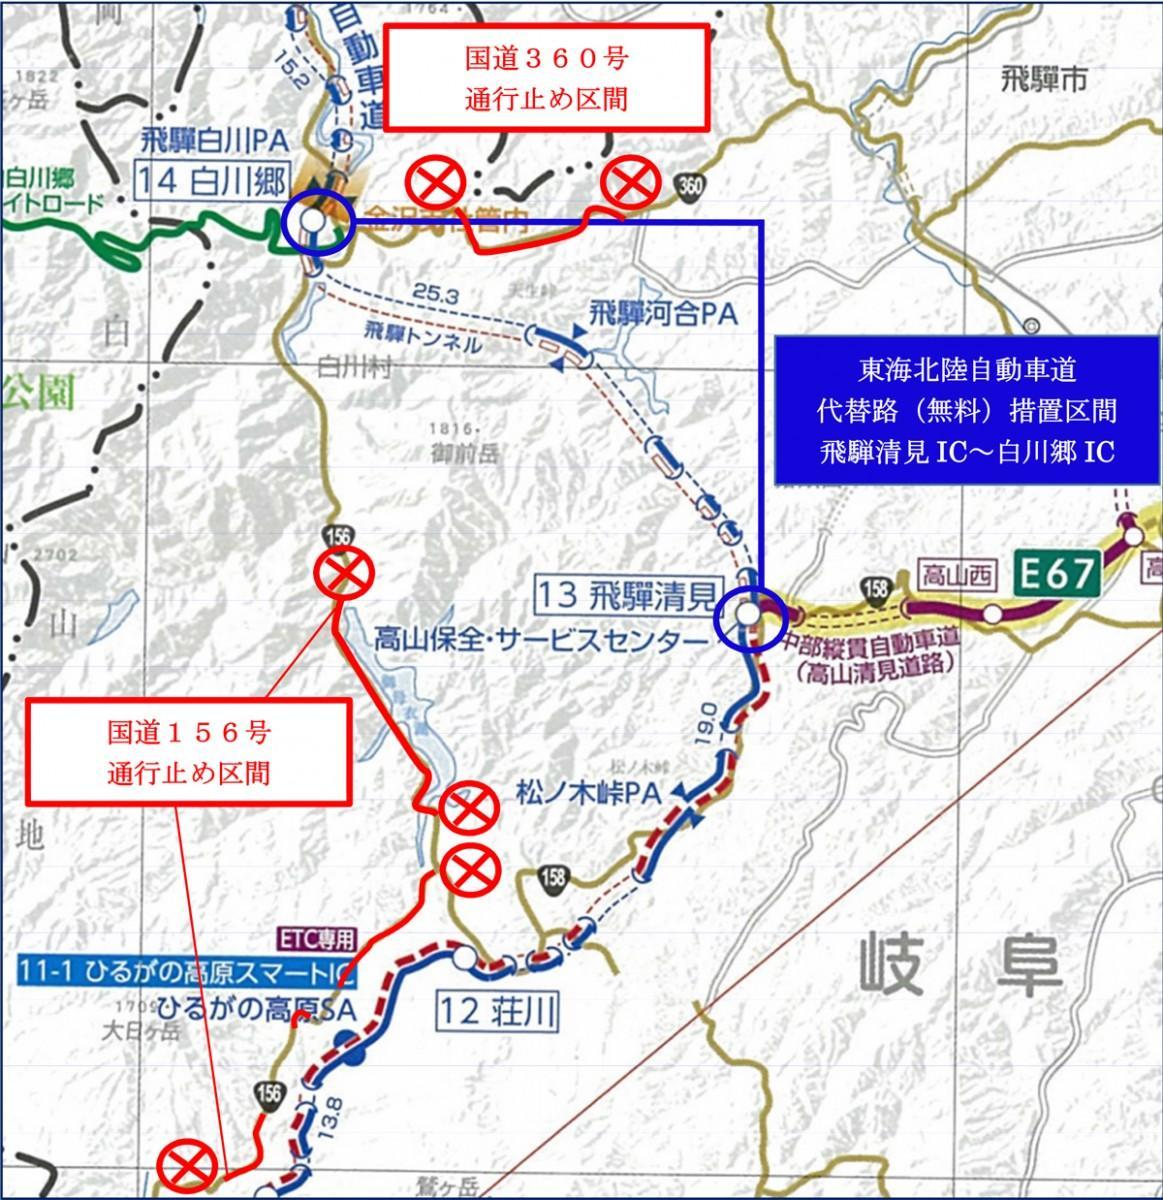 上図、国道156号線の荘川町牧戸からひるがの高原方面、同町野々俣にかけて通行止めとなっていた二区間は現在通行可能となっている (画像提供=NEXCO中日本)